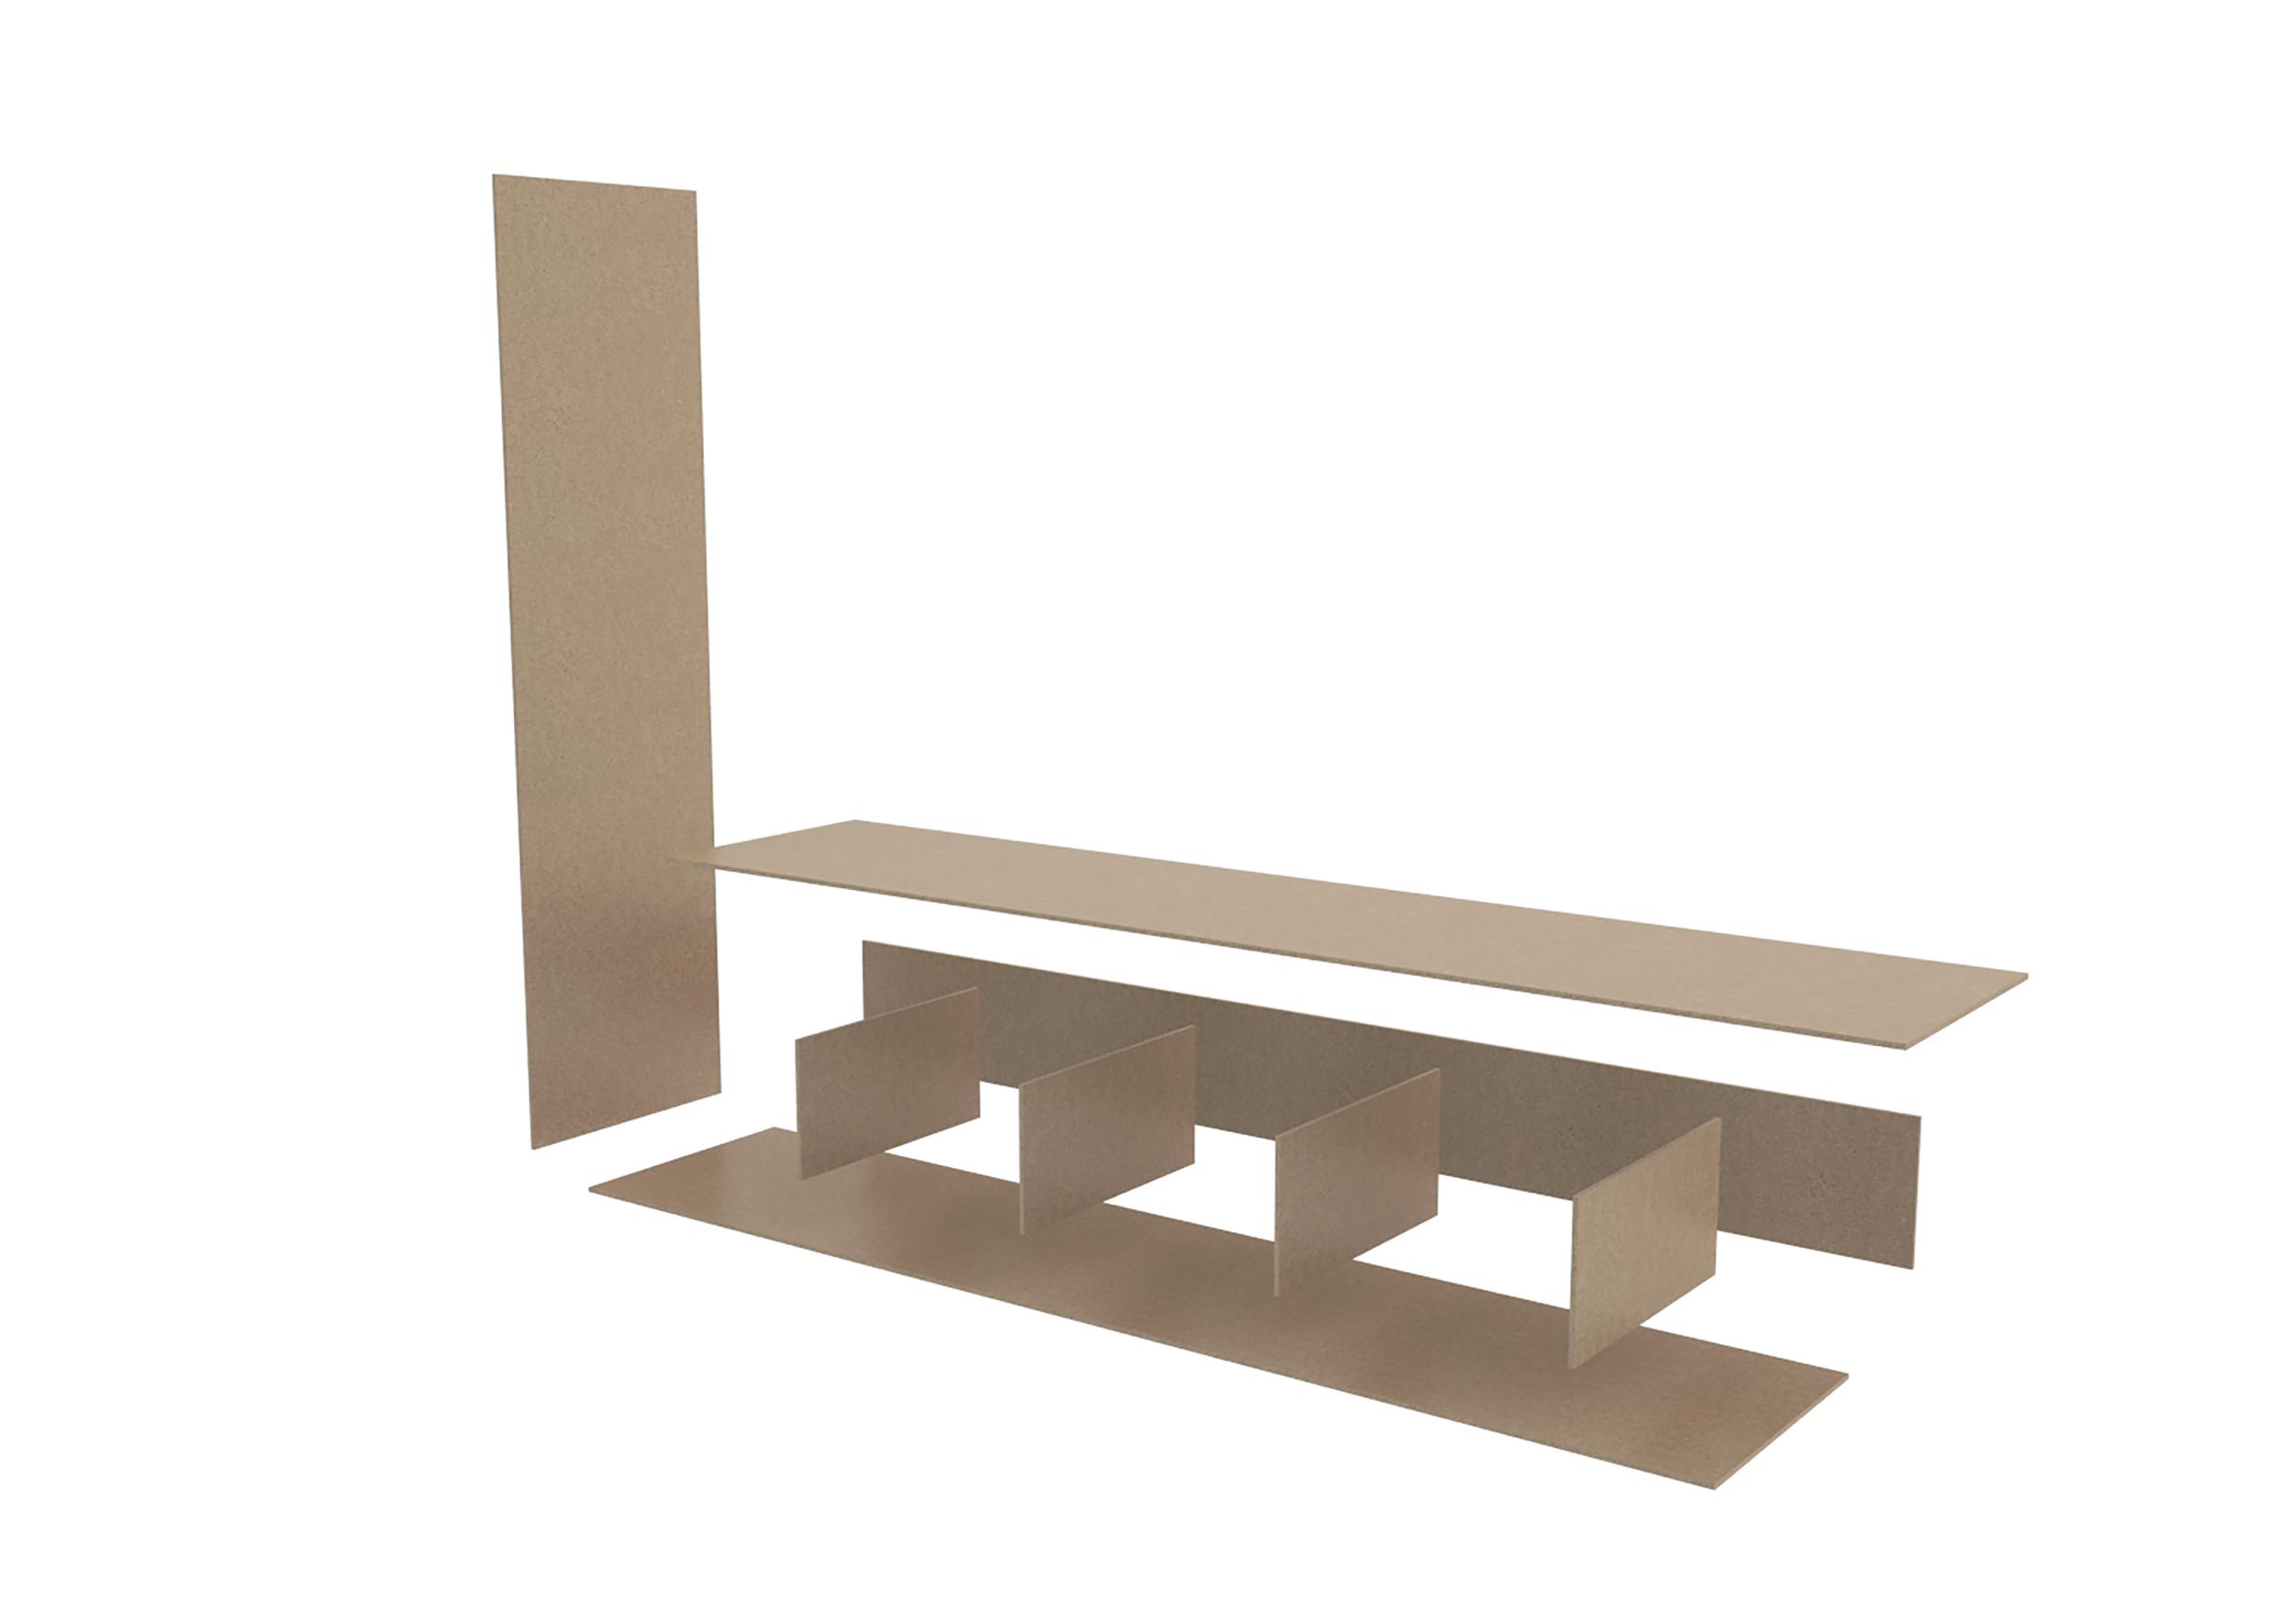 Illustrations 3D schéma de montage du meuble